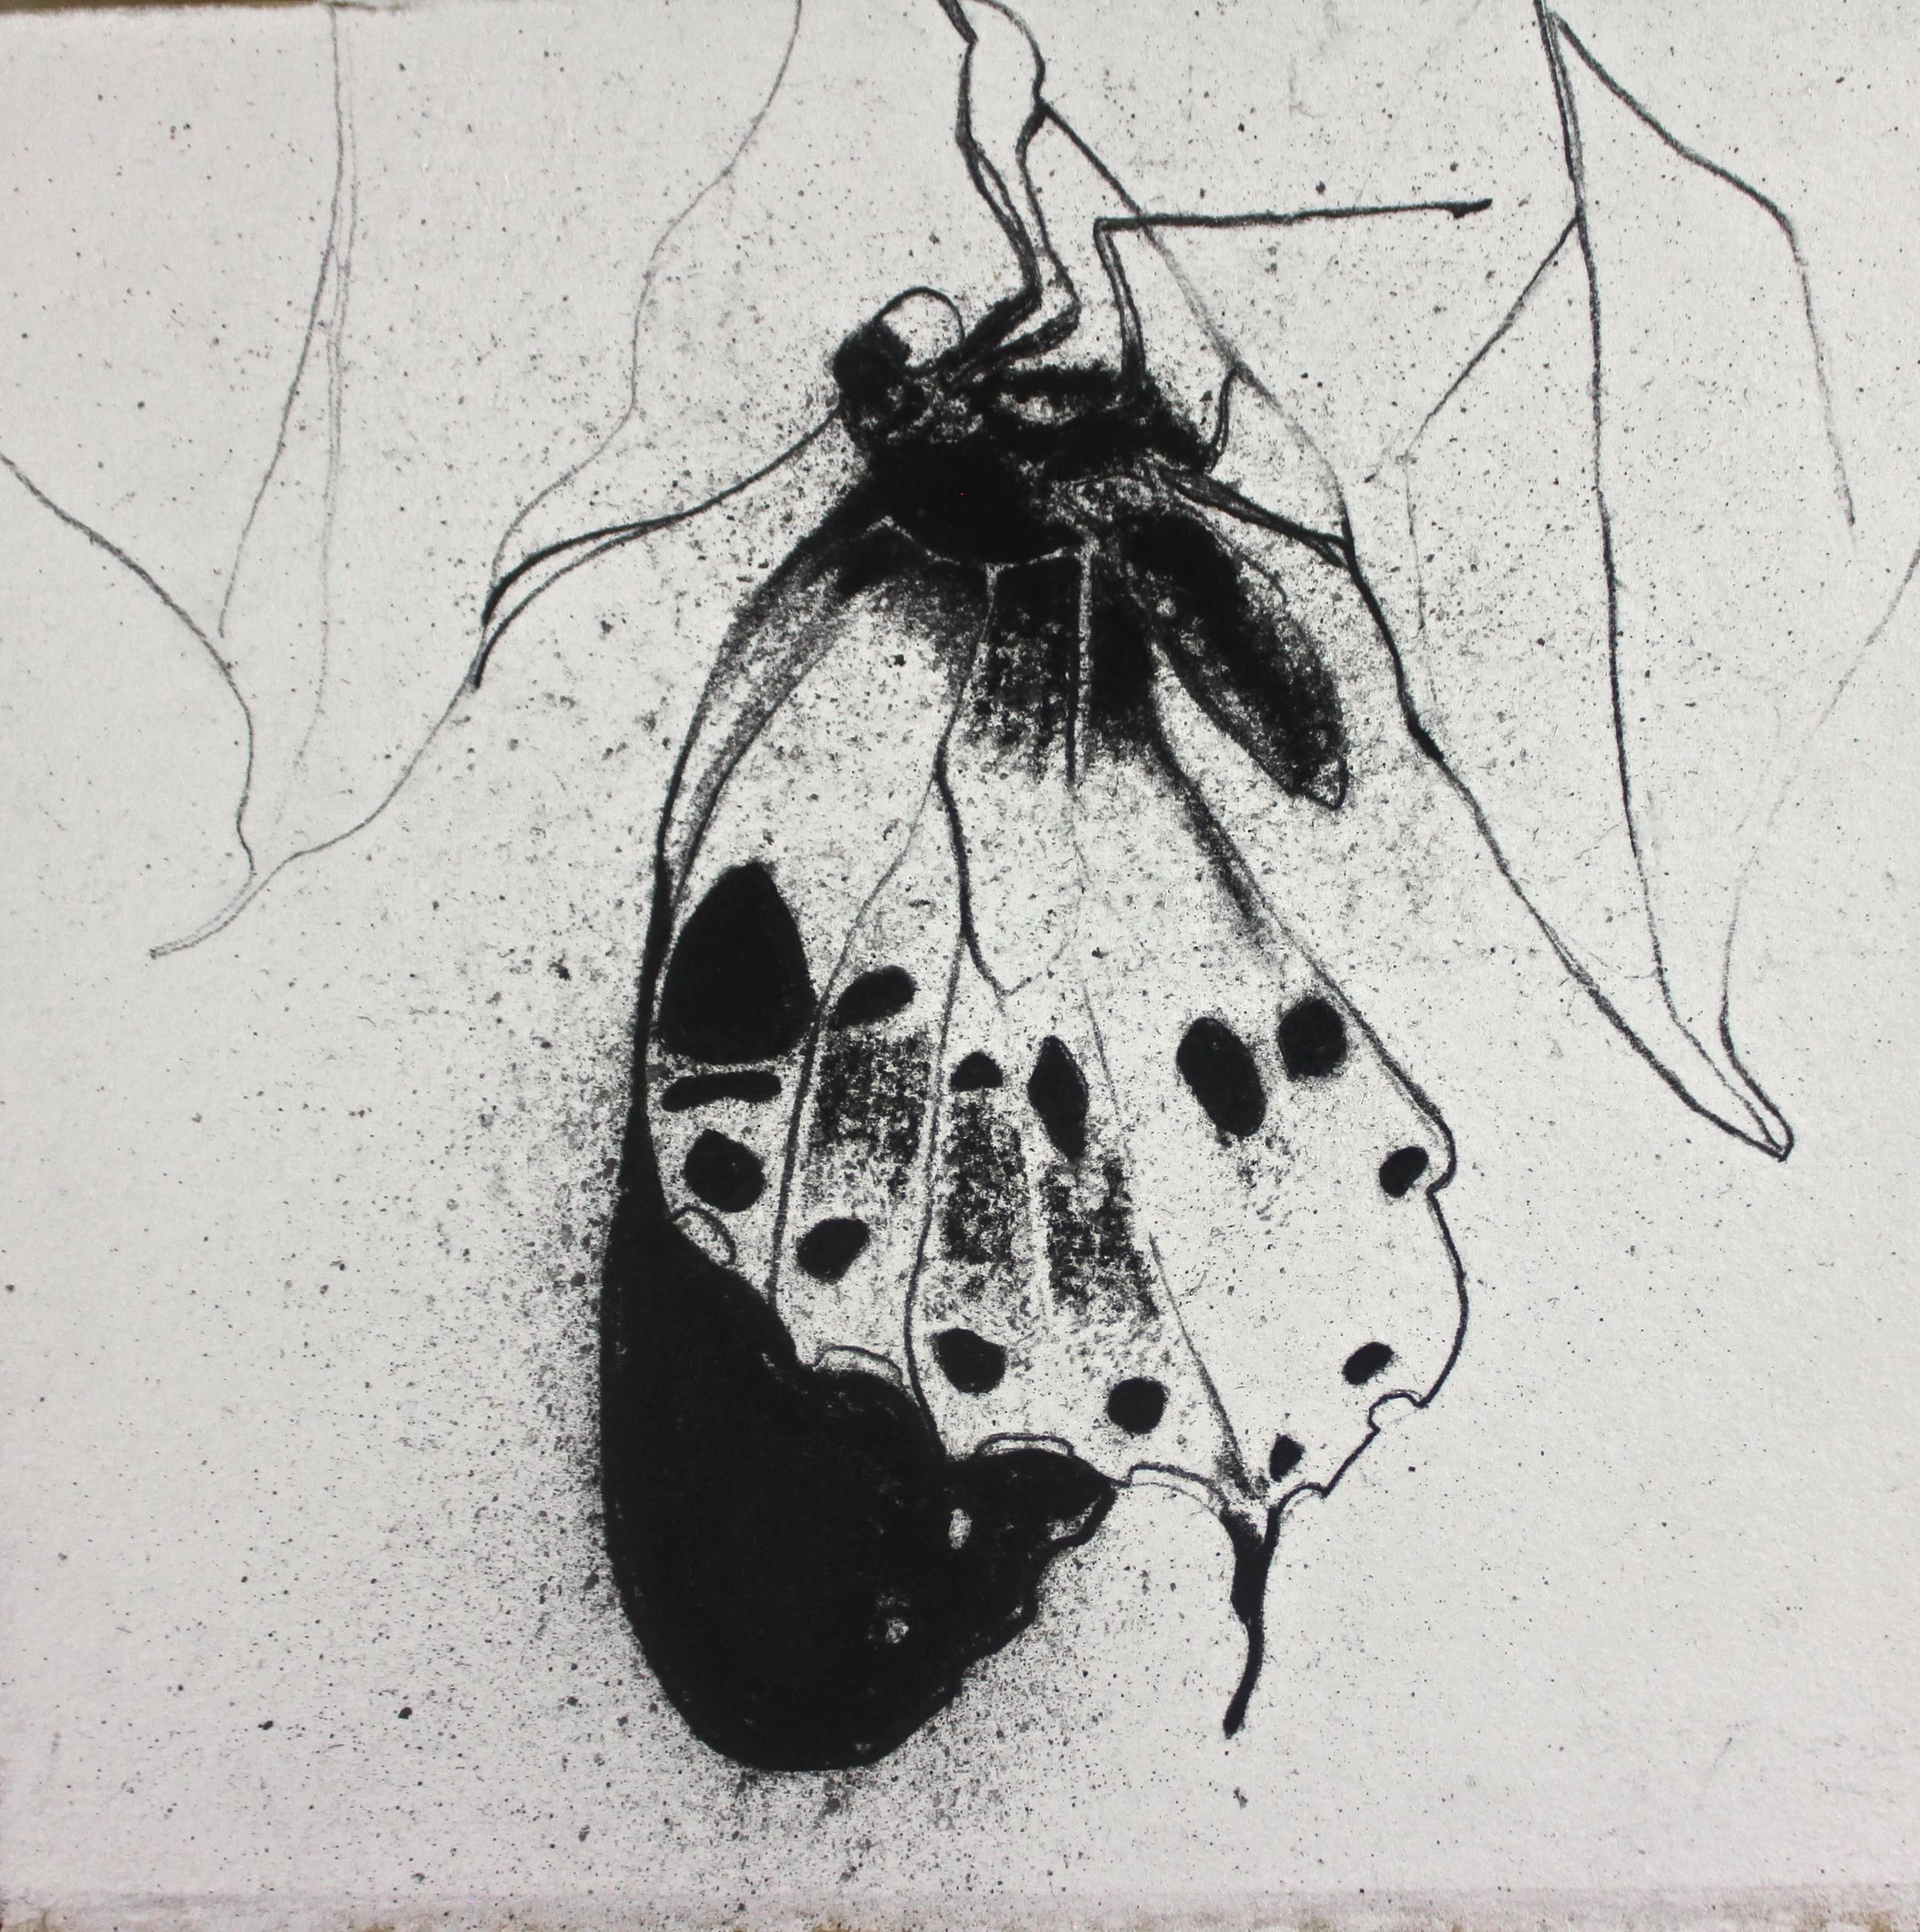 Palamedes Swallowtail Light.jpeg